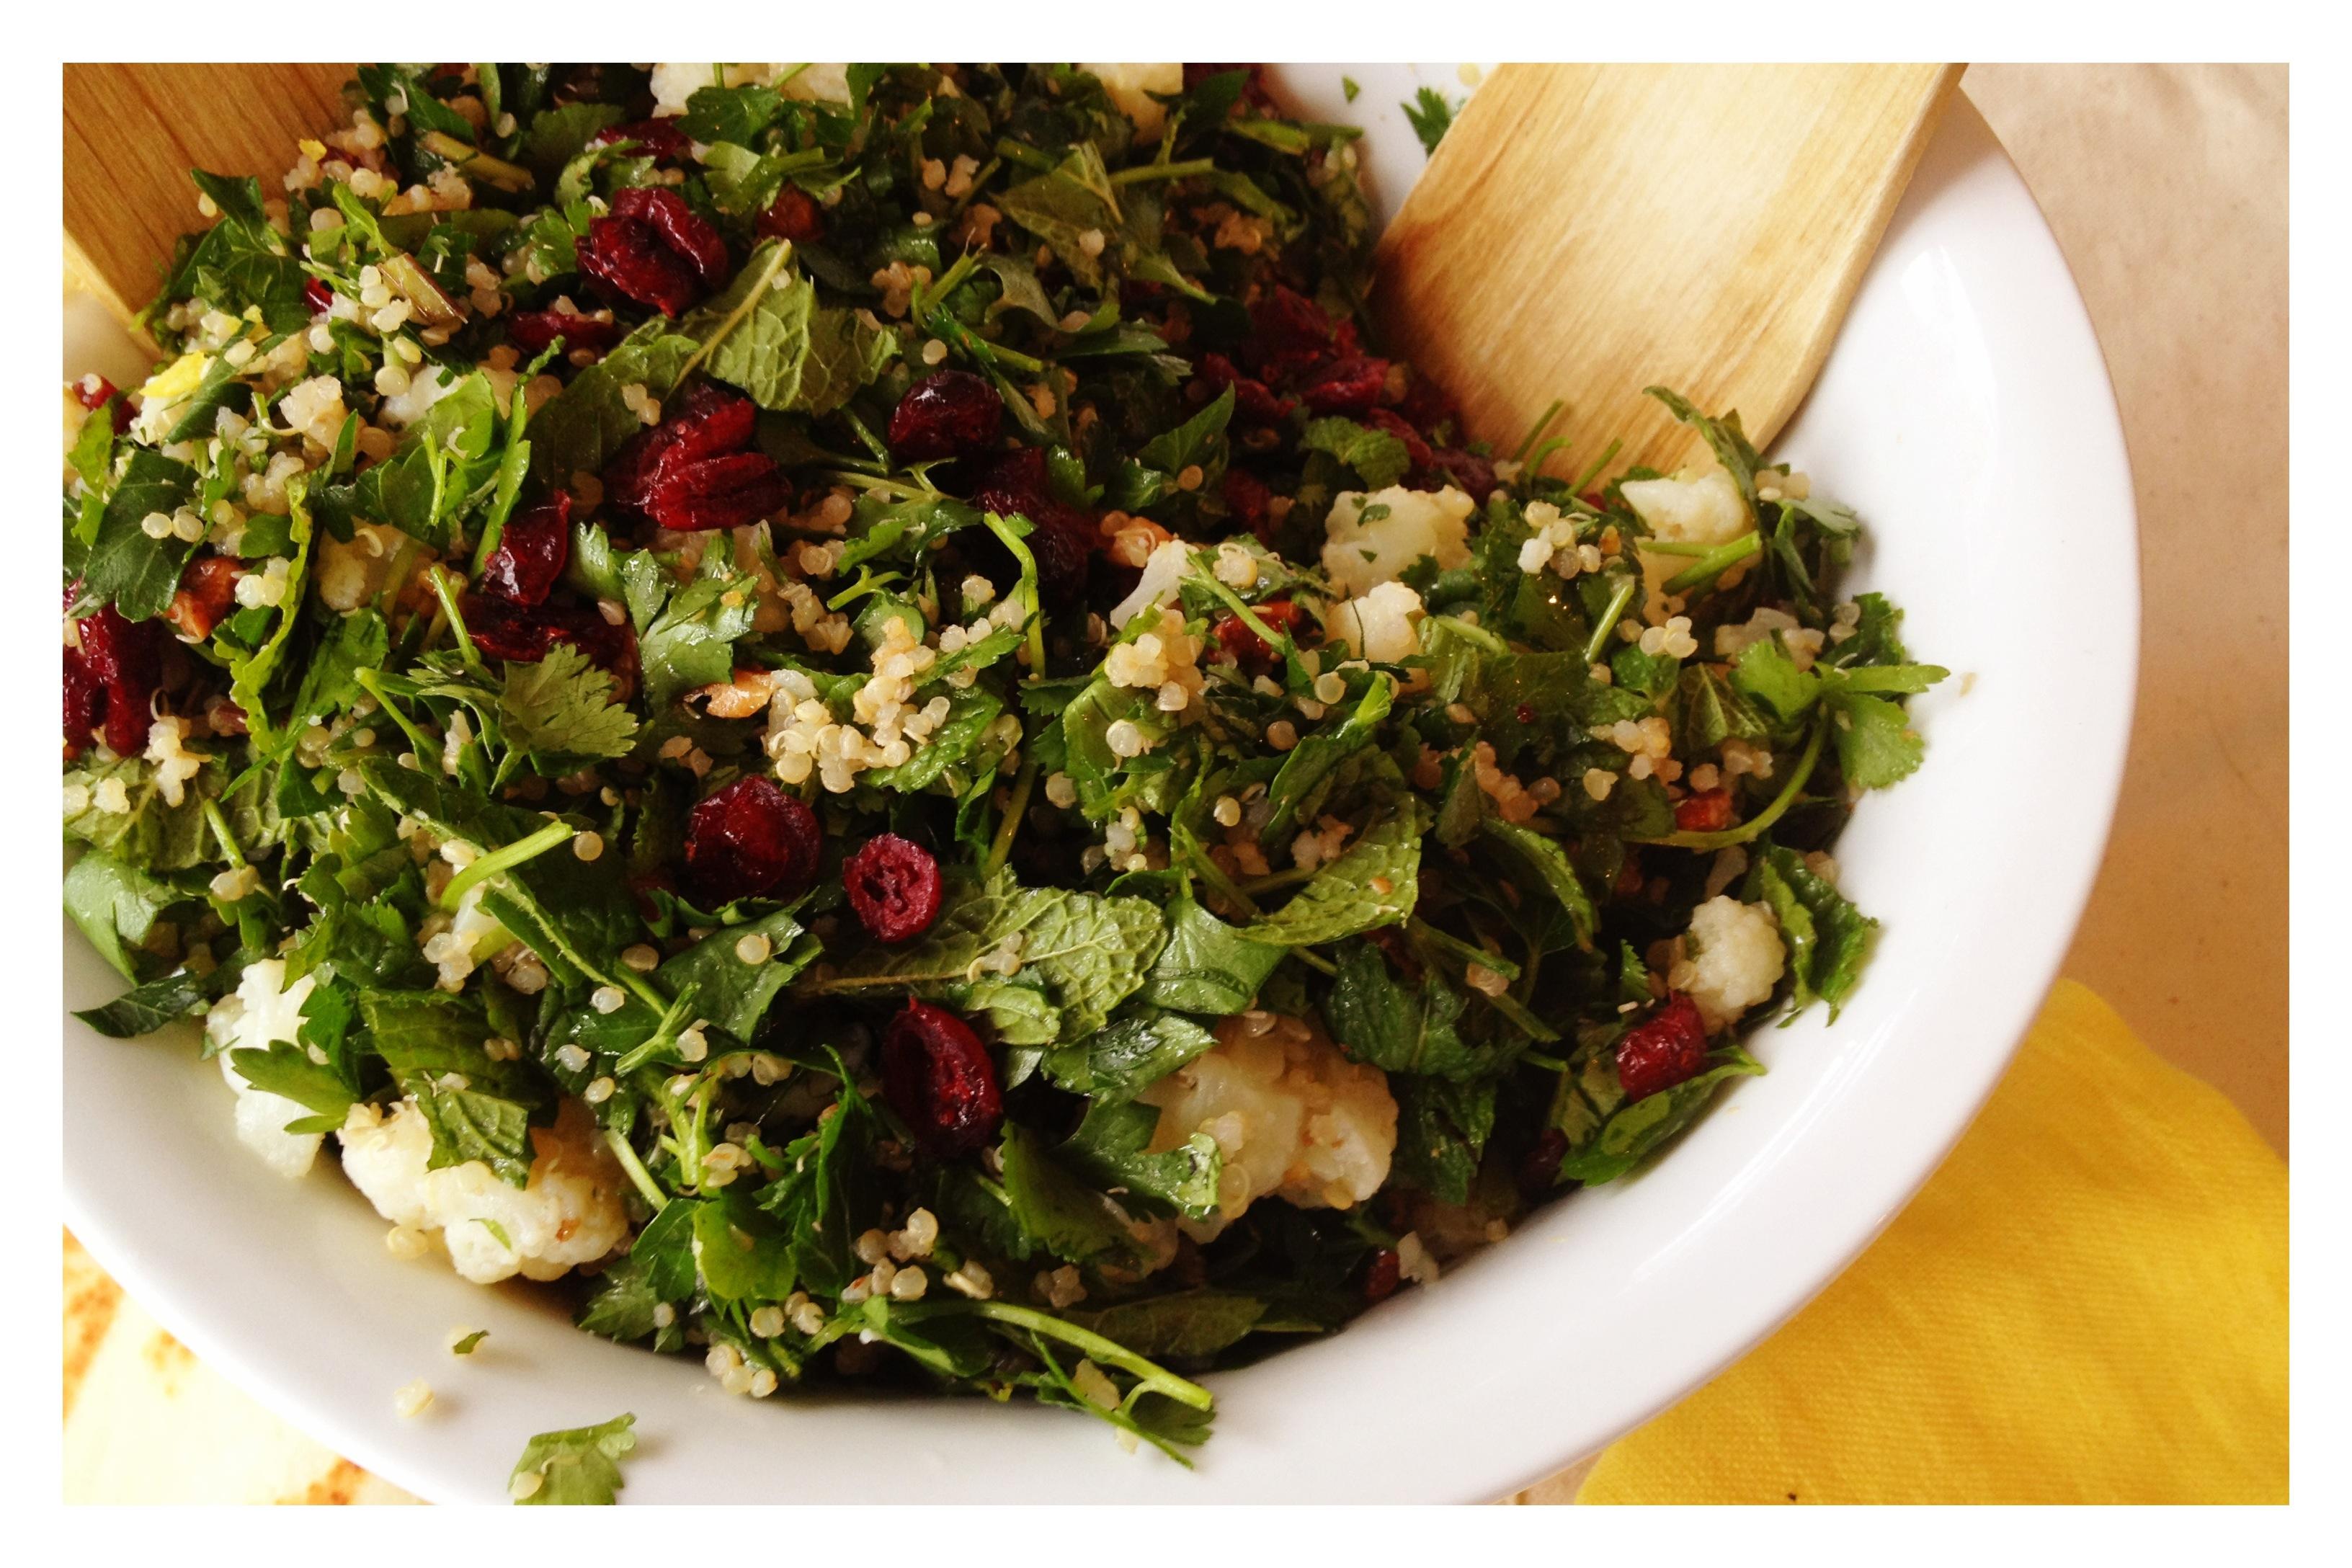 Quinoa Cauliflower Tabbouleh - in pursuit of more